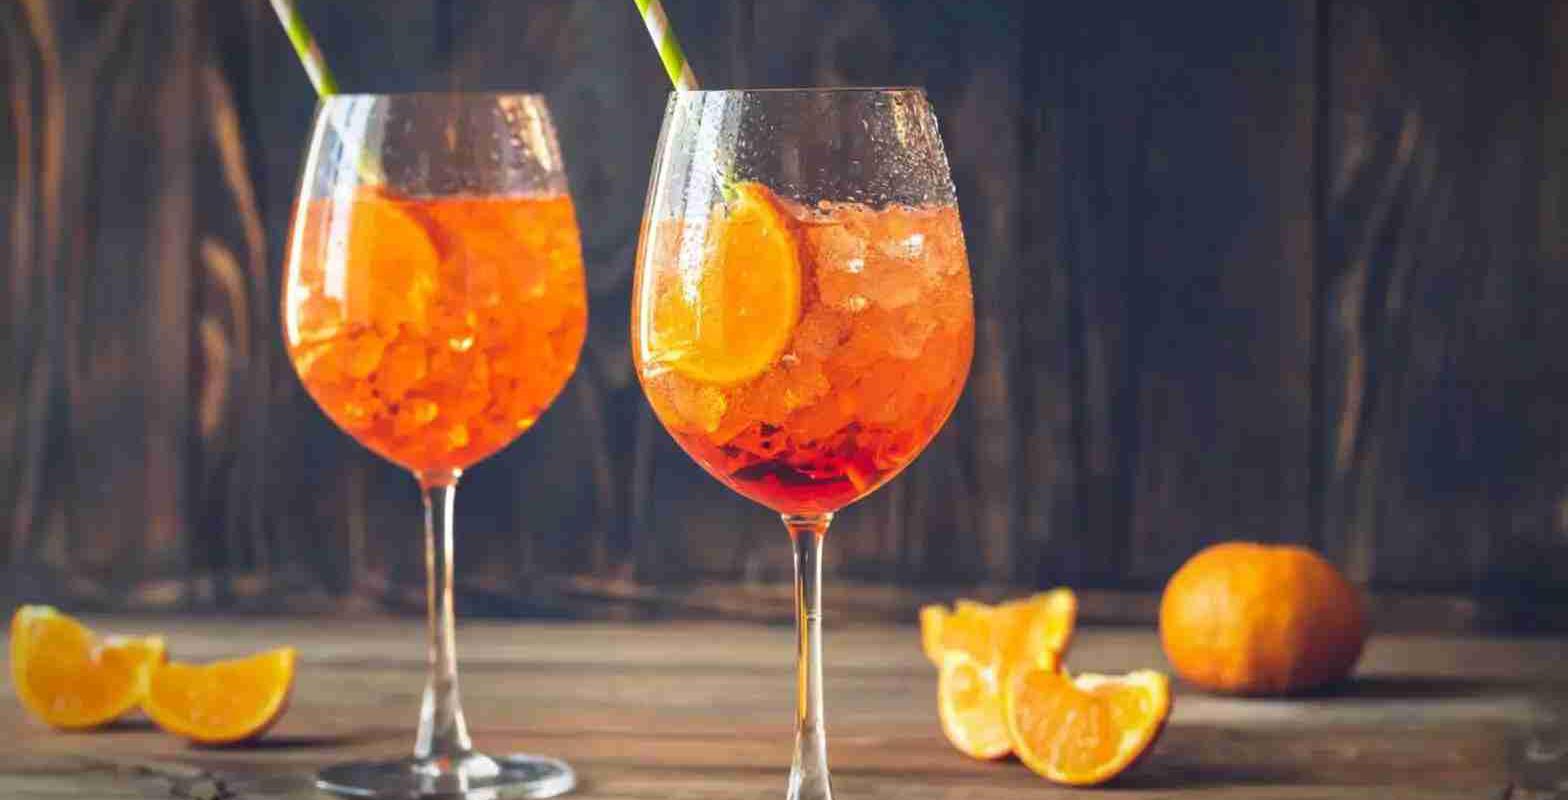 Image décrivant le produit Spritz qui fait partie des Cocktails